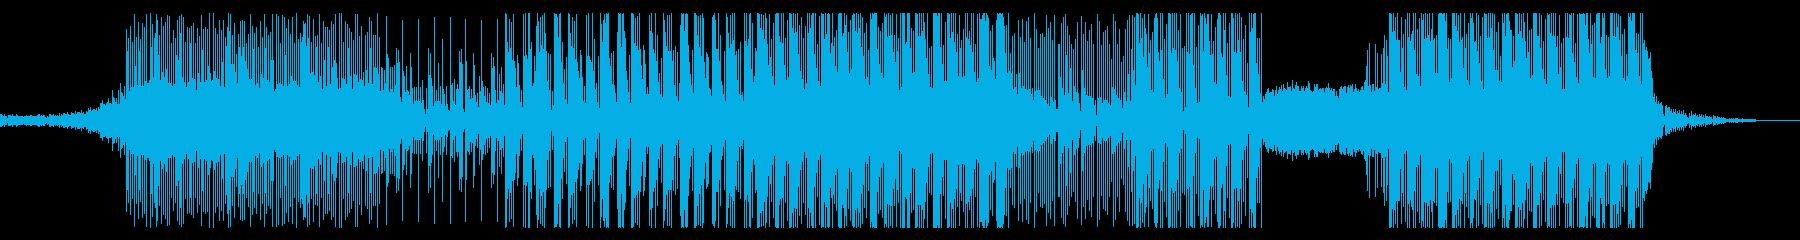 和風ダークヒップホップ(三味線)の再生済みの波形